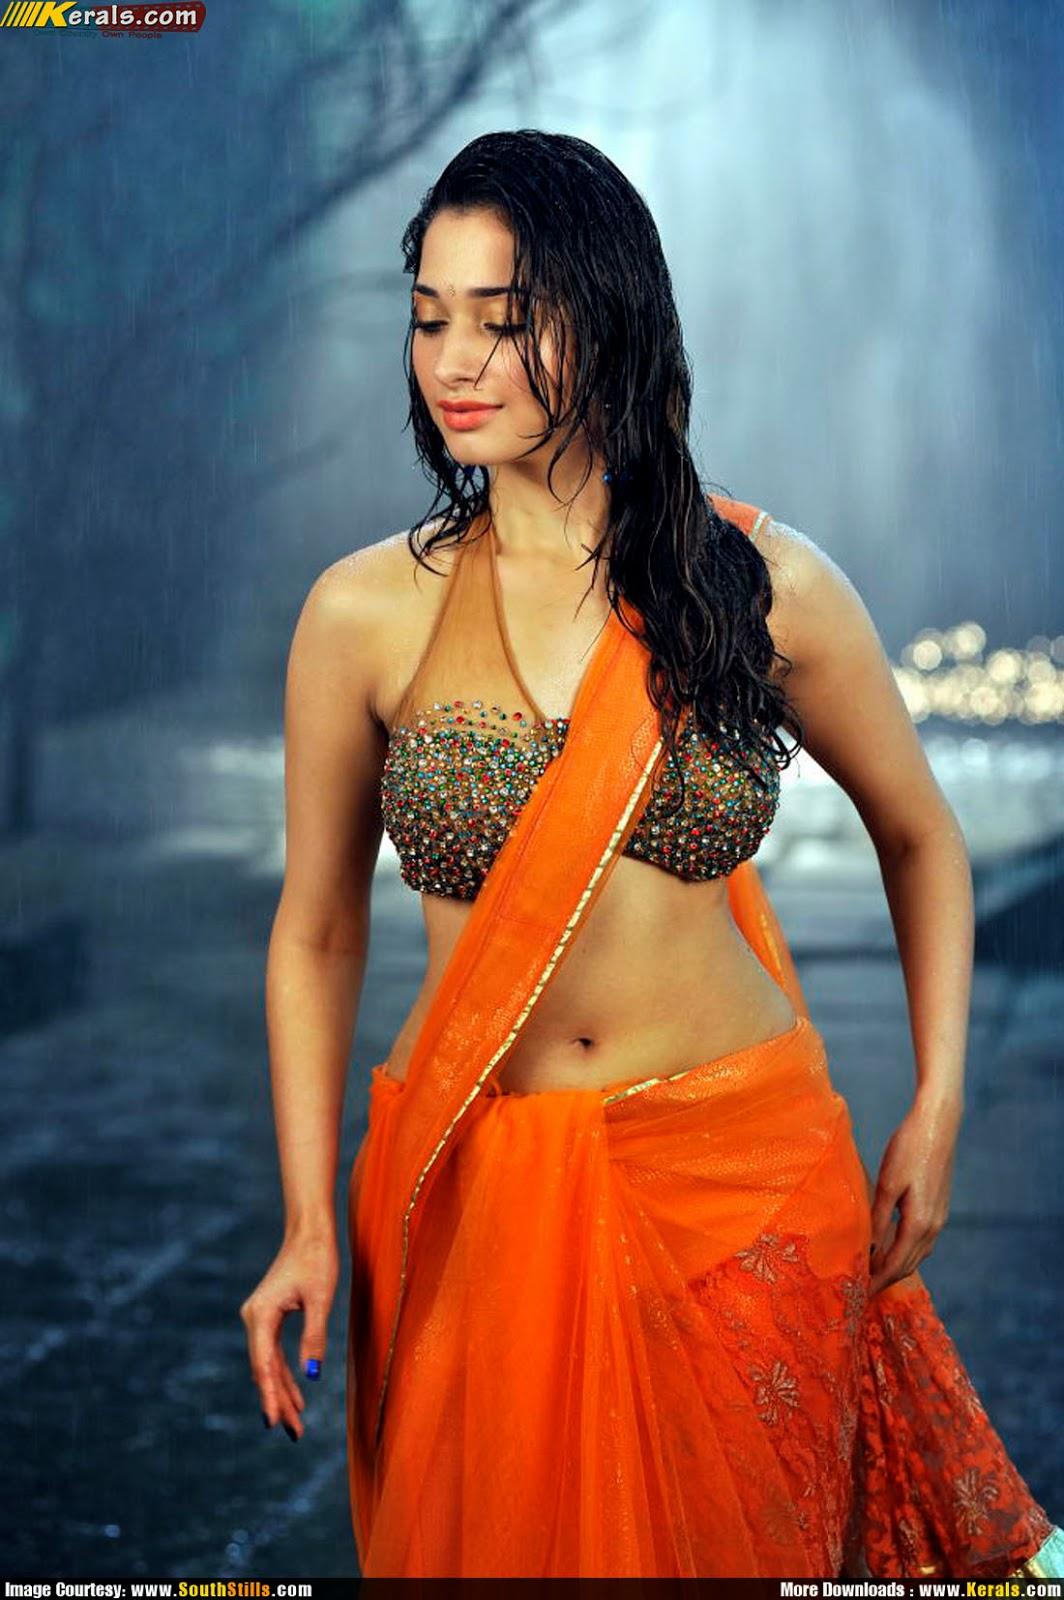 TAMANNA BHATIA HOT IN VEERAM STILLS | TAMANNA BHATIA HOT IN VEERAM ...